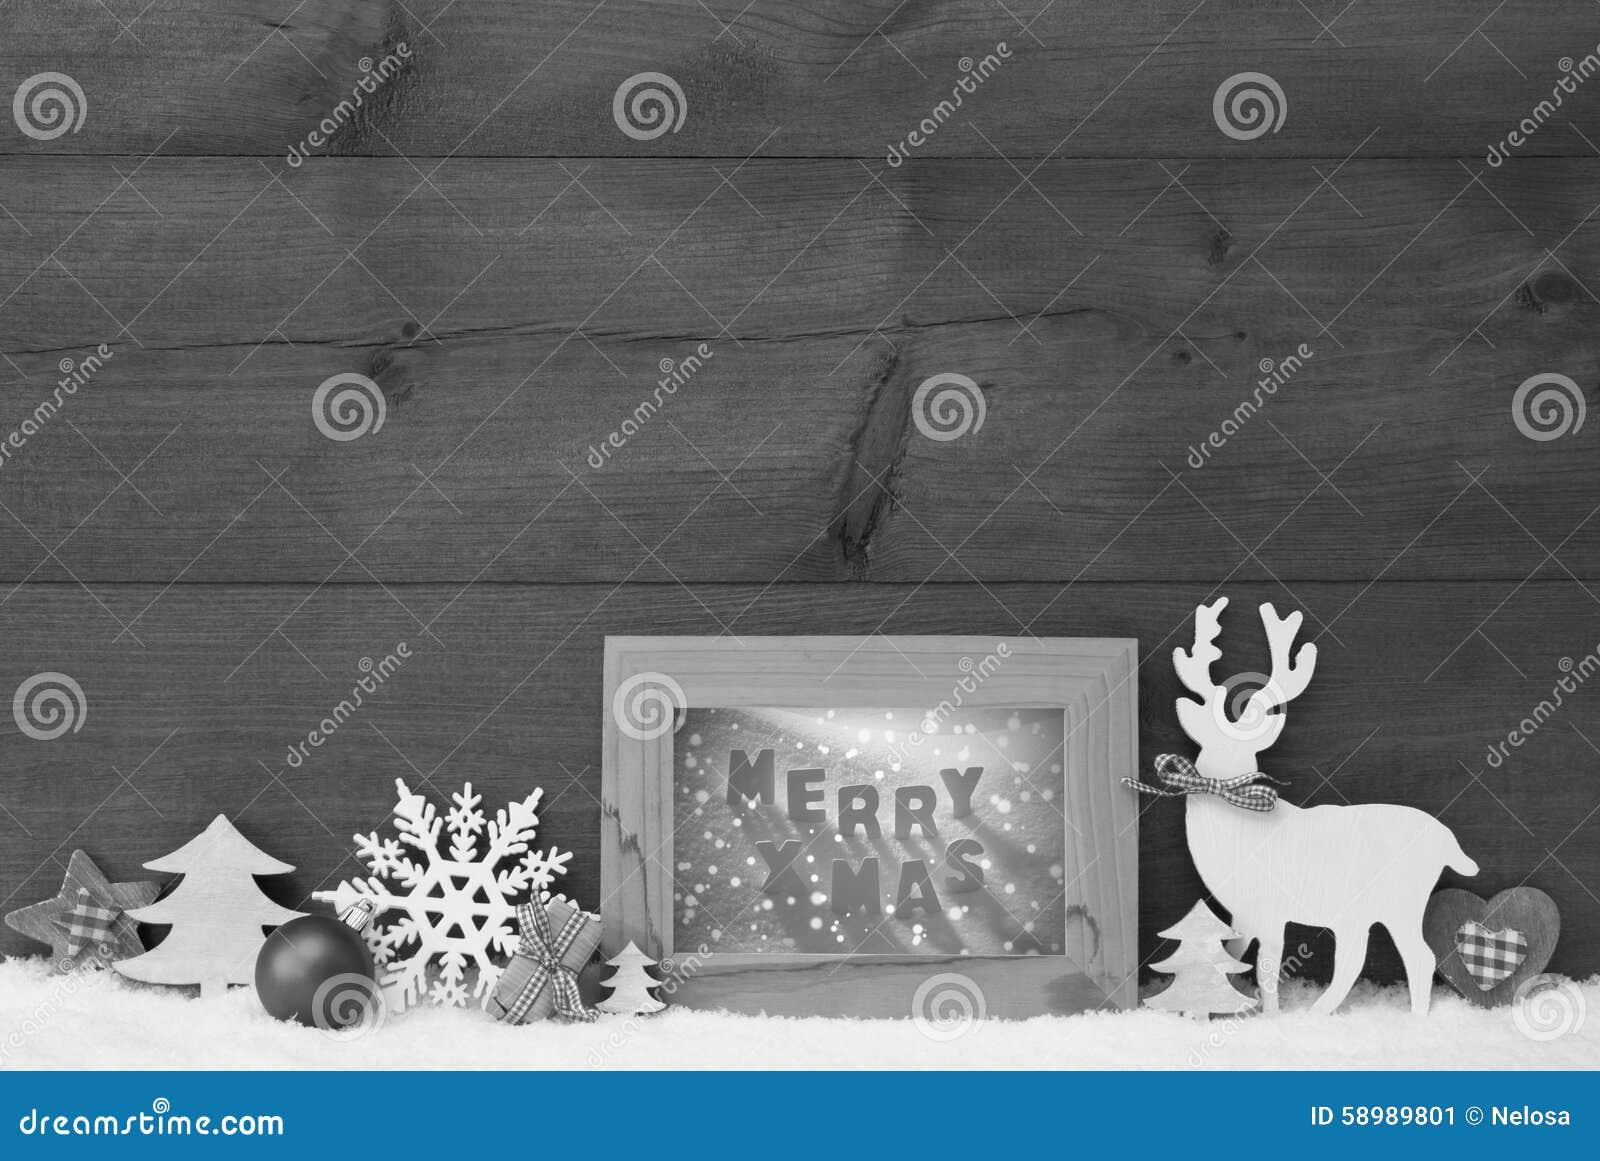 schwarzweiss weihnachtshintergrund schnee rahmen fr hliches weihnachten stockbild bild von. Black Bedroom Furniture Sets. Home Design Ideas